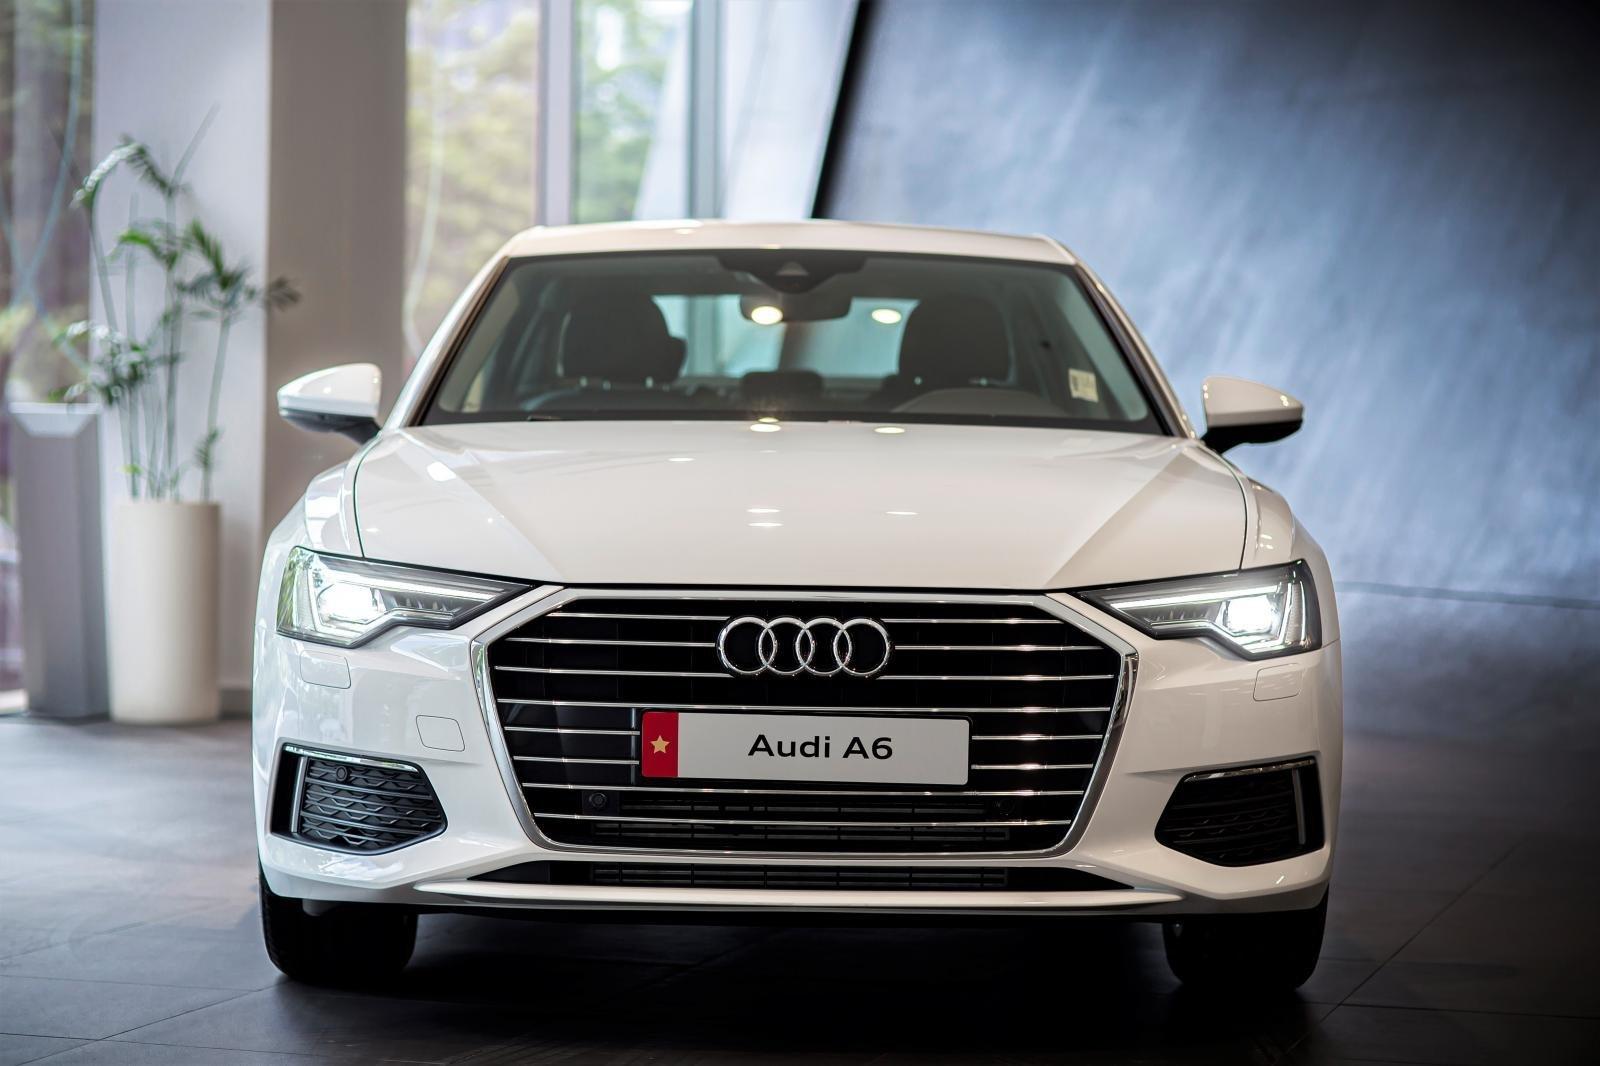 Audi A6 2021: Giá xe A6 mới nhất & giá lăn bánh (04/2021)